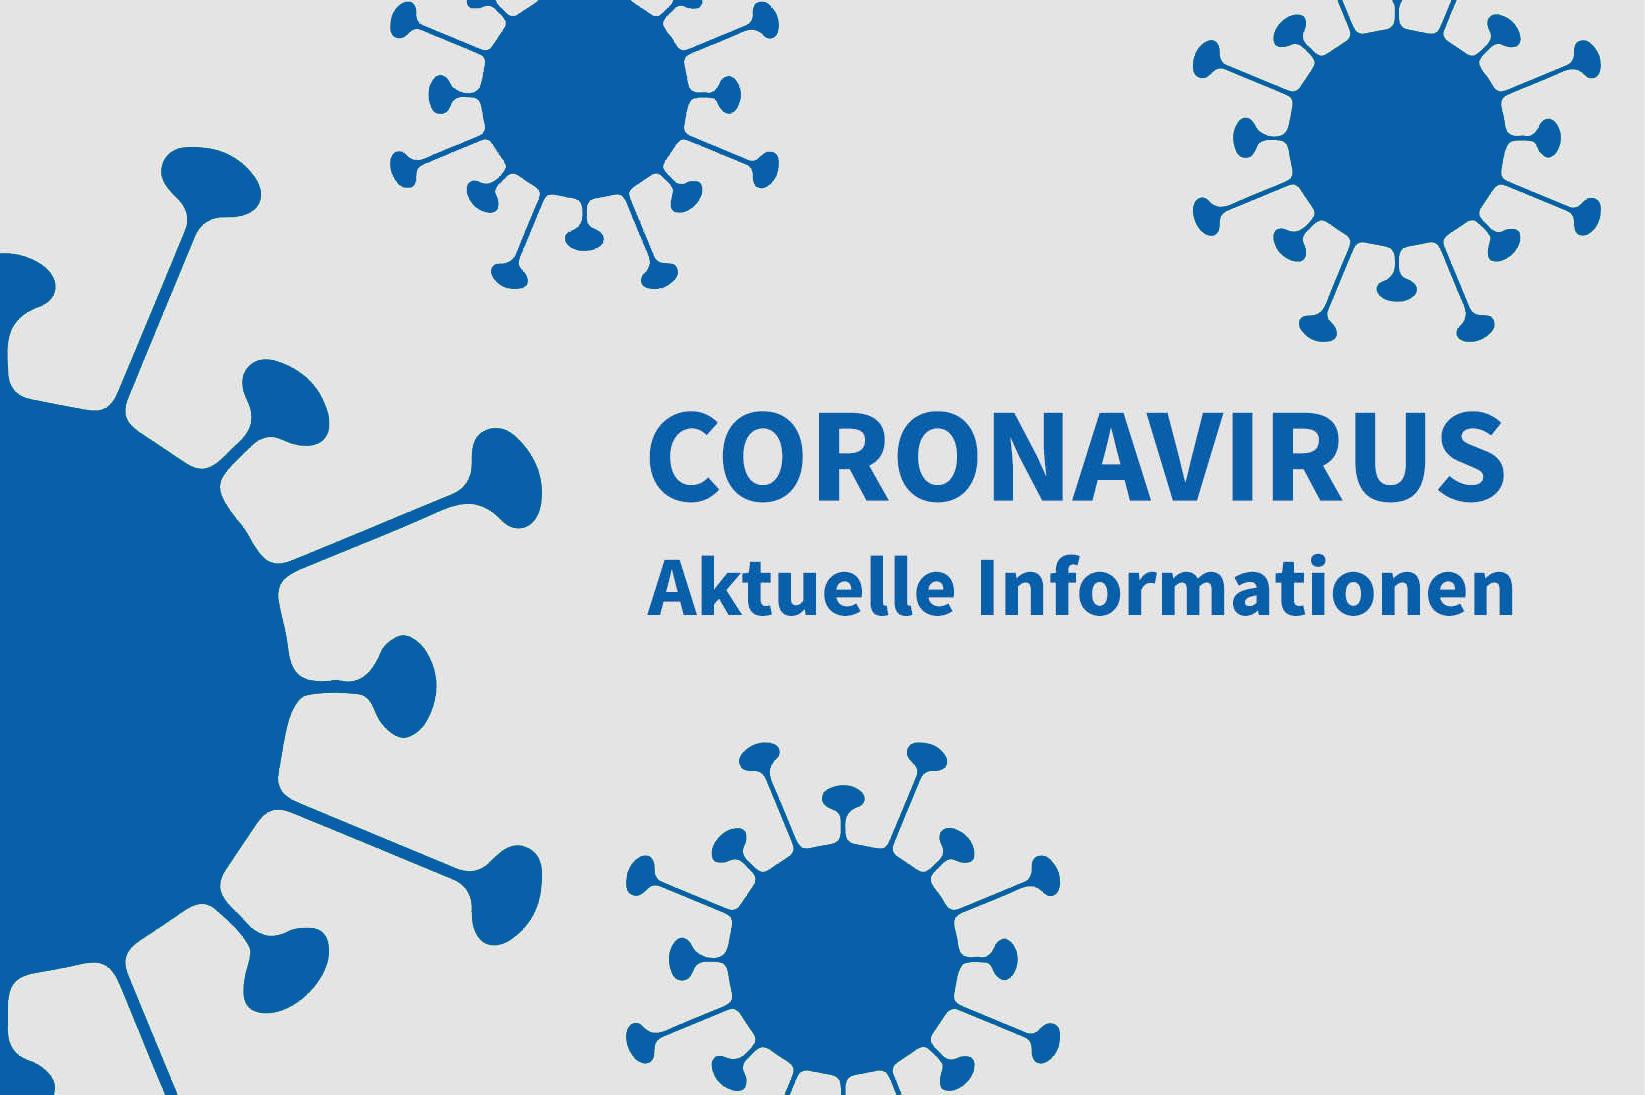 Auszug aus den Änderungen der Nds. Corona-Verordnung  zum 10. Mai 2021 für Beherbergung und Gastronomie